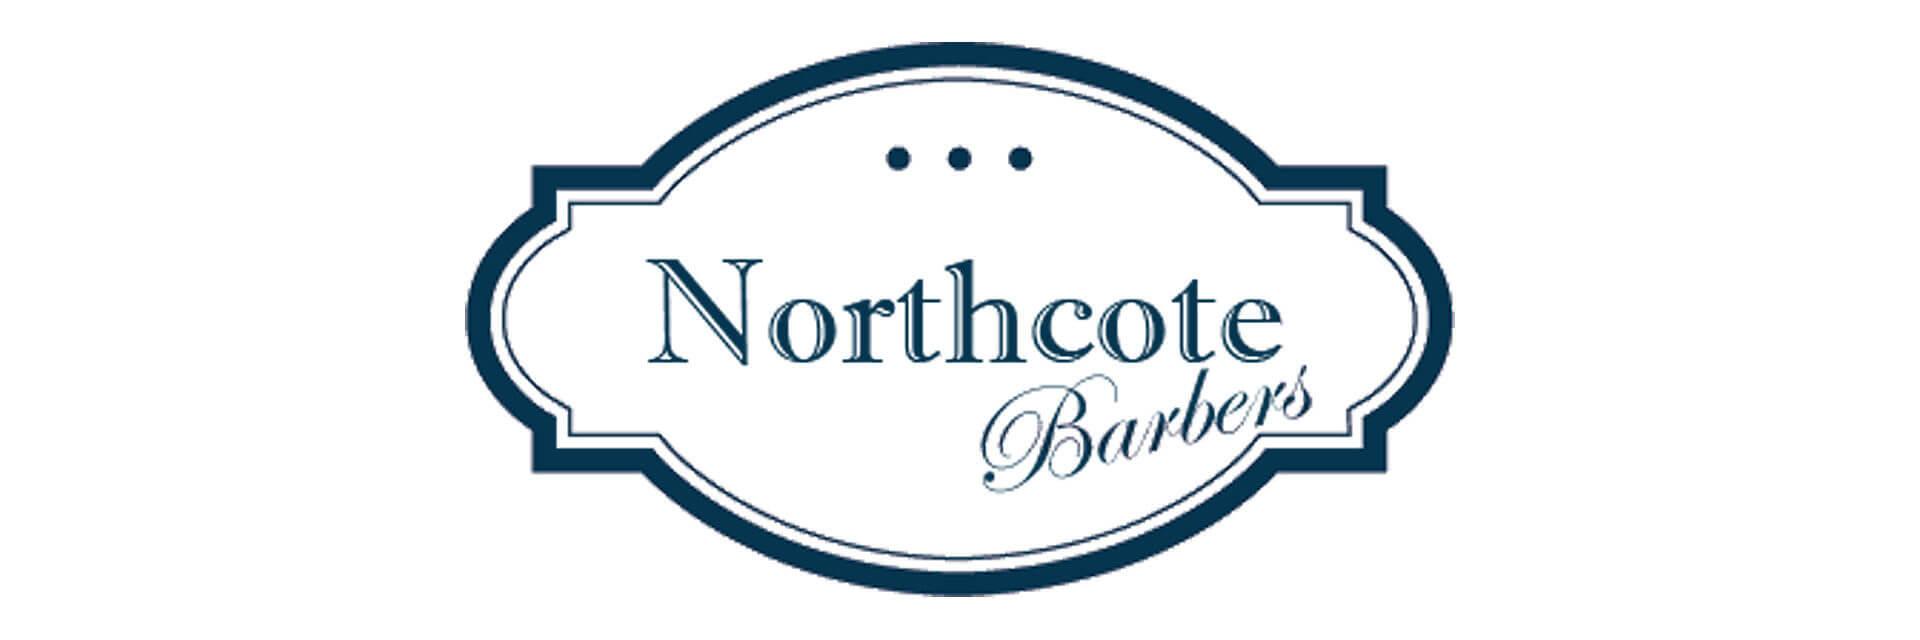 Northcote Barbers